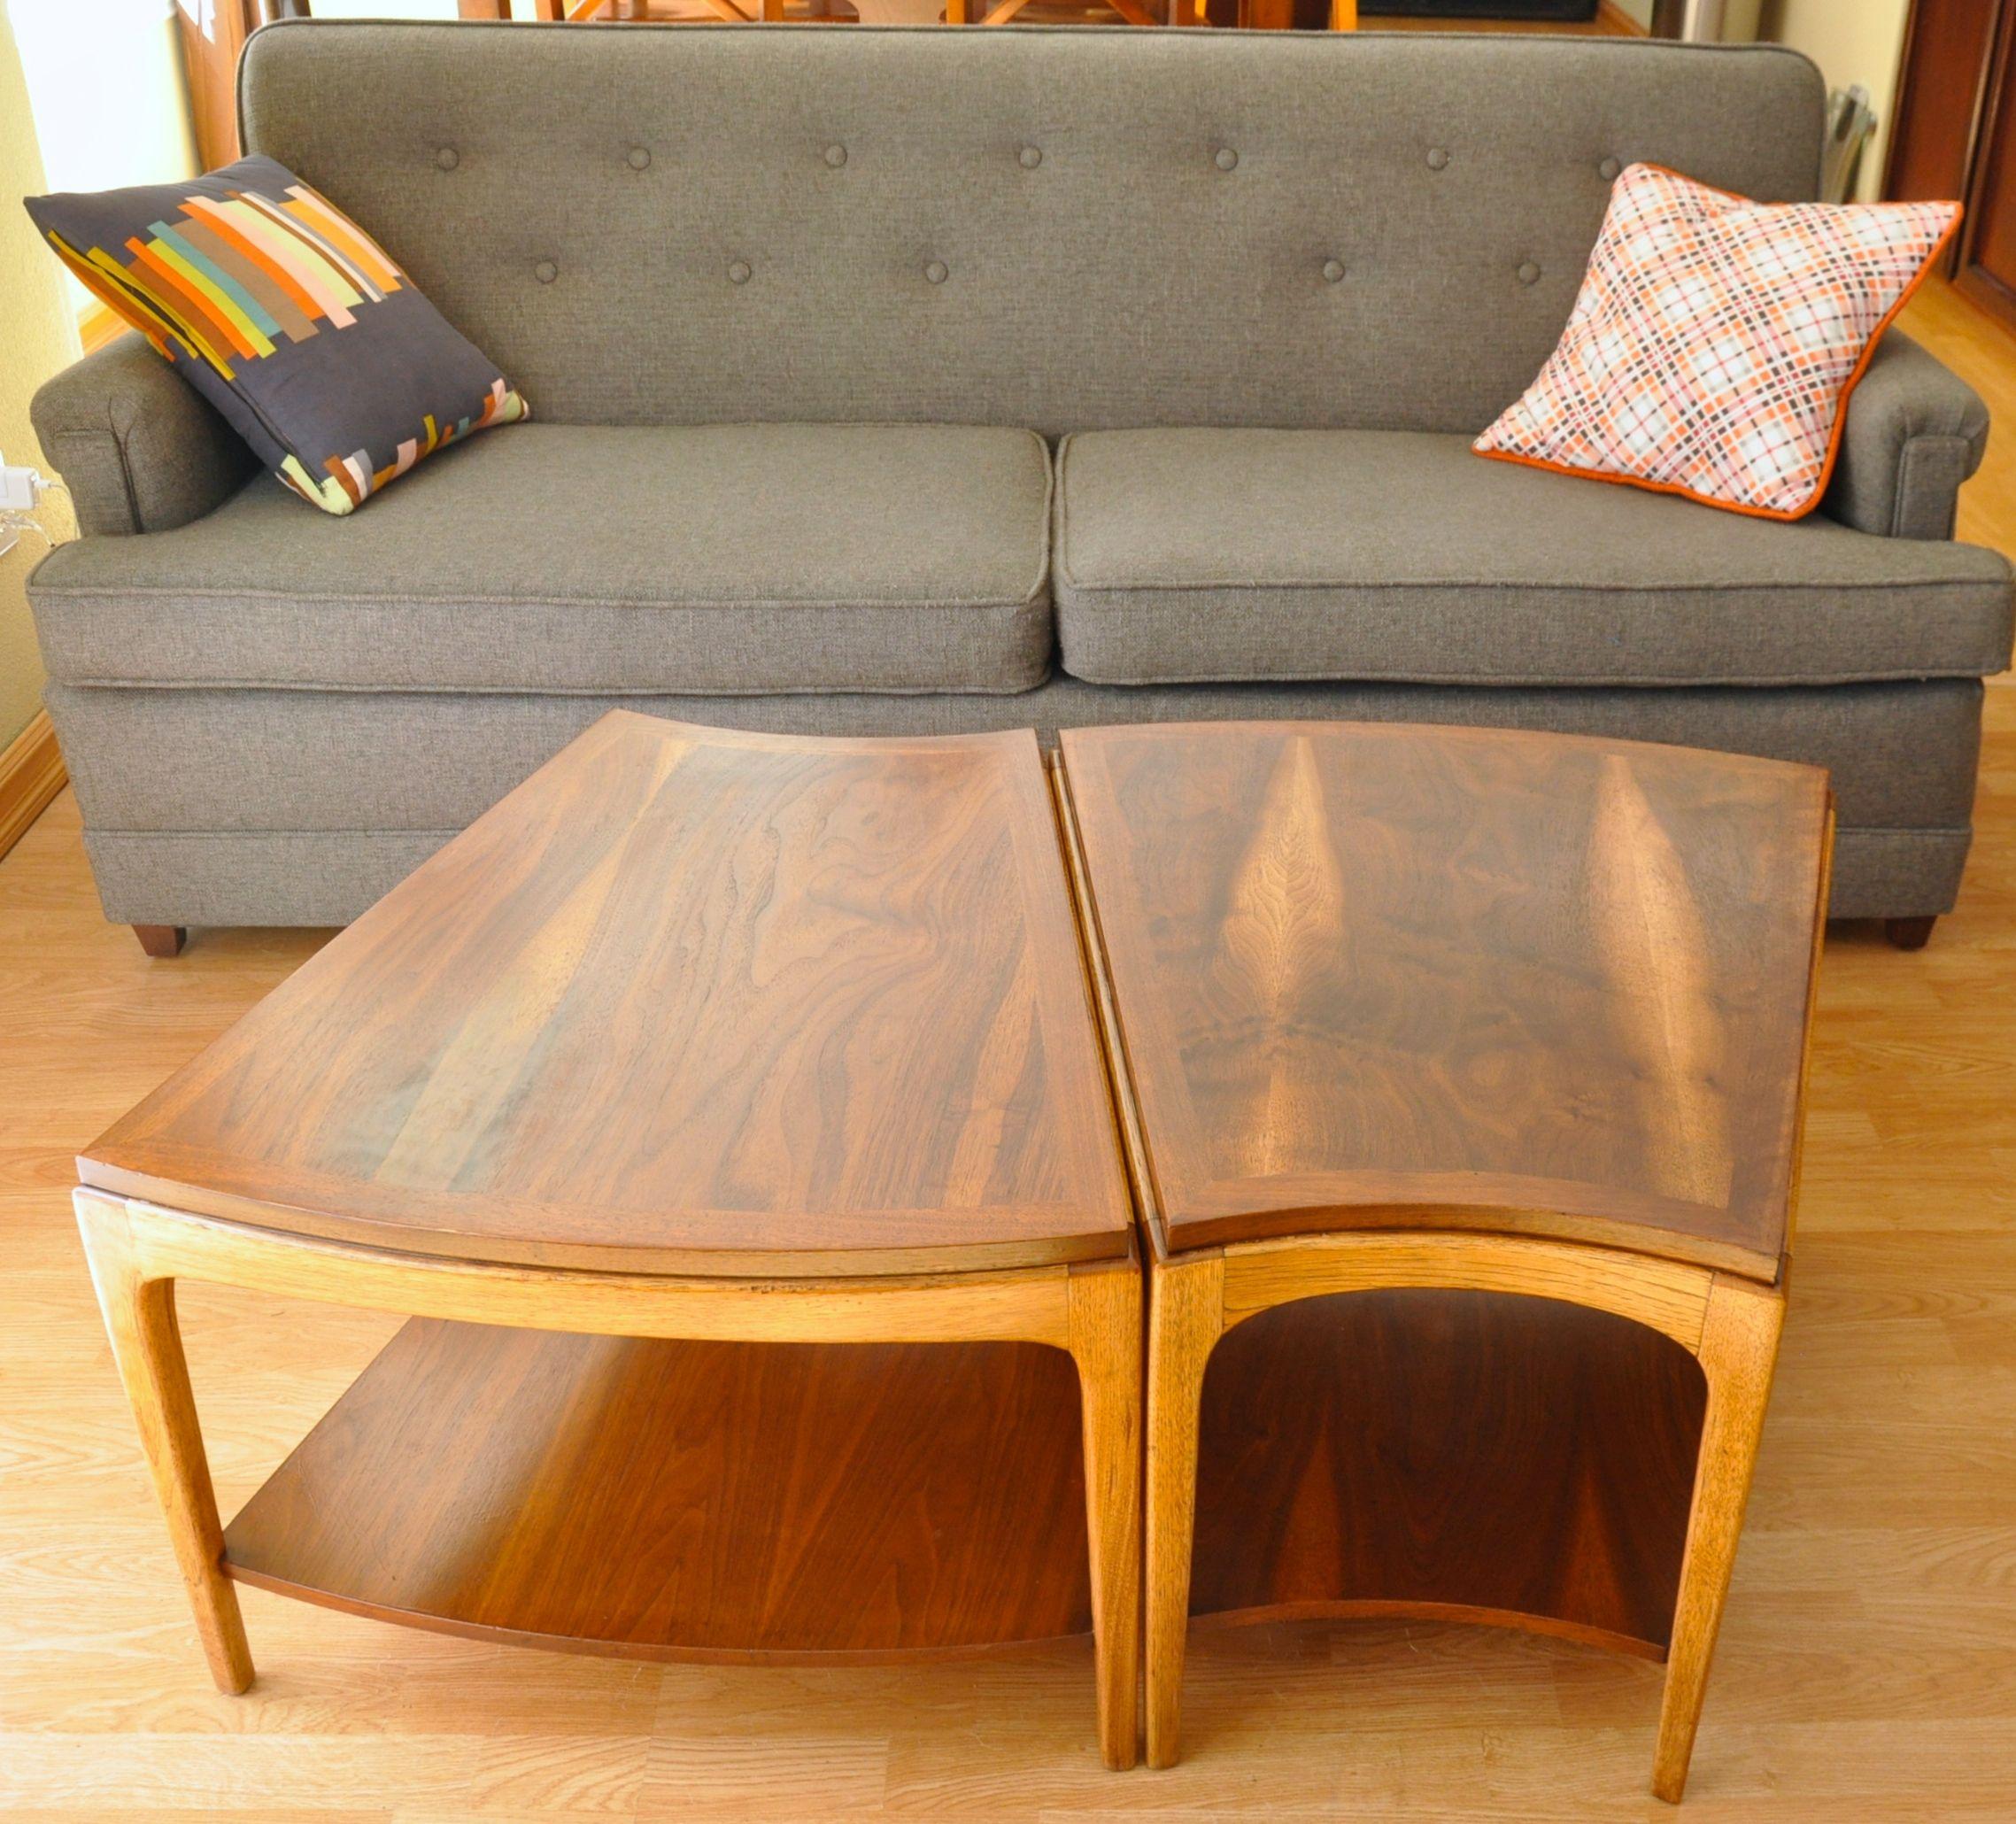 lane vintage furniture lane furniture coffee table beautiful round